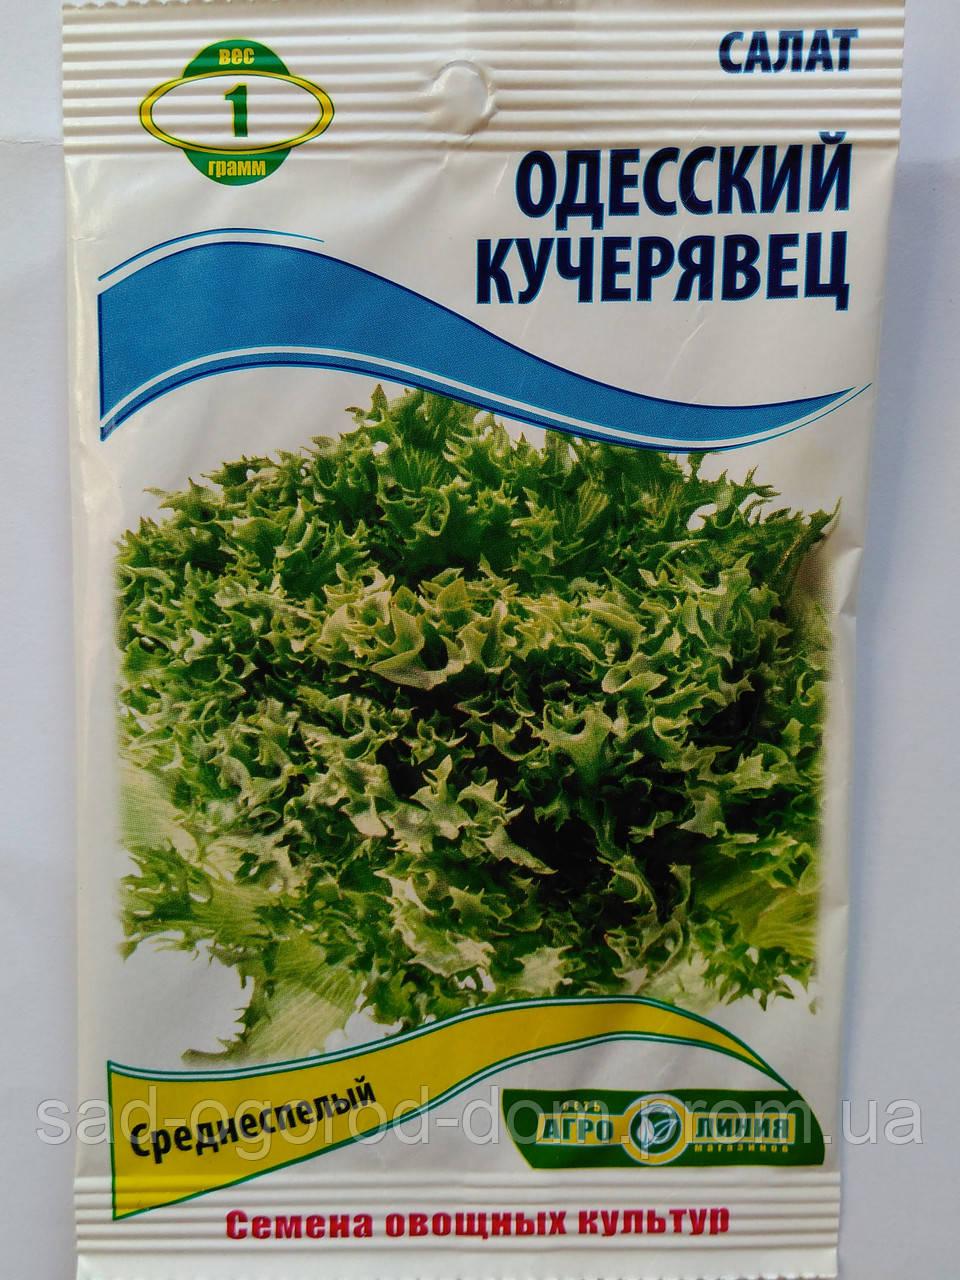 Салат одесский кучерявец 1г